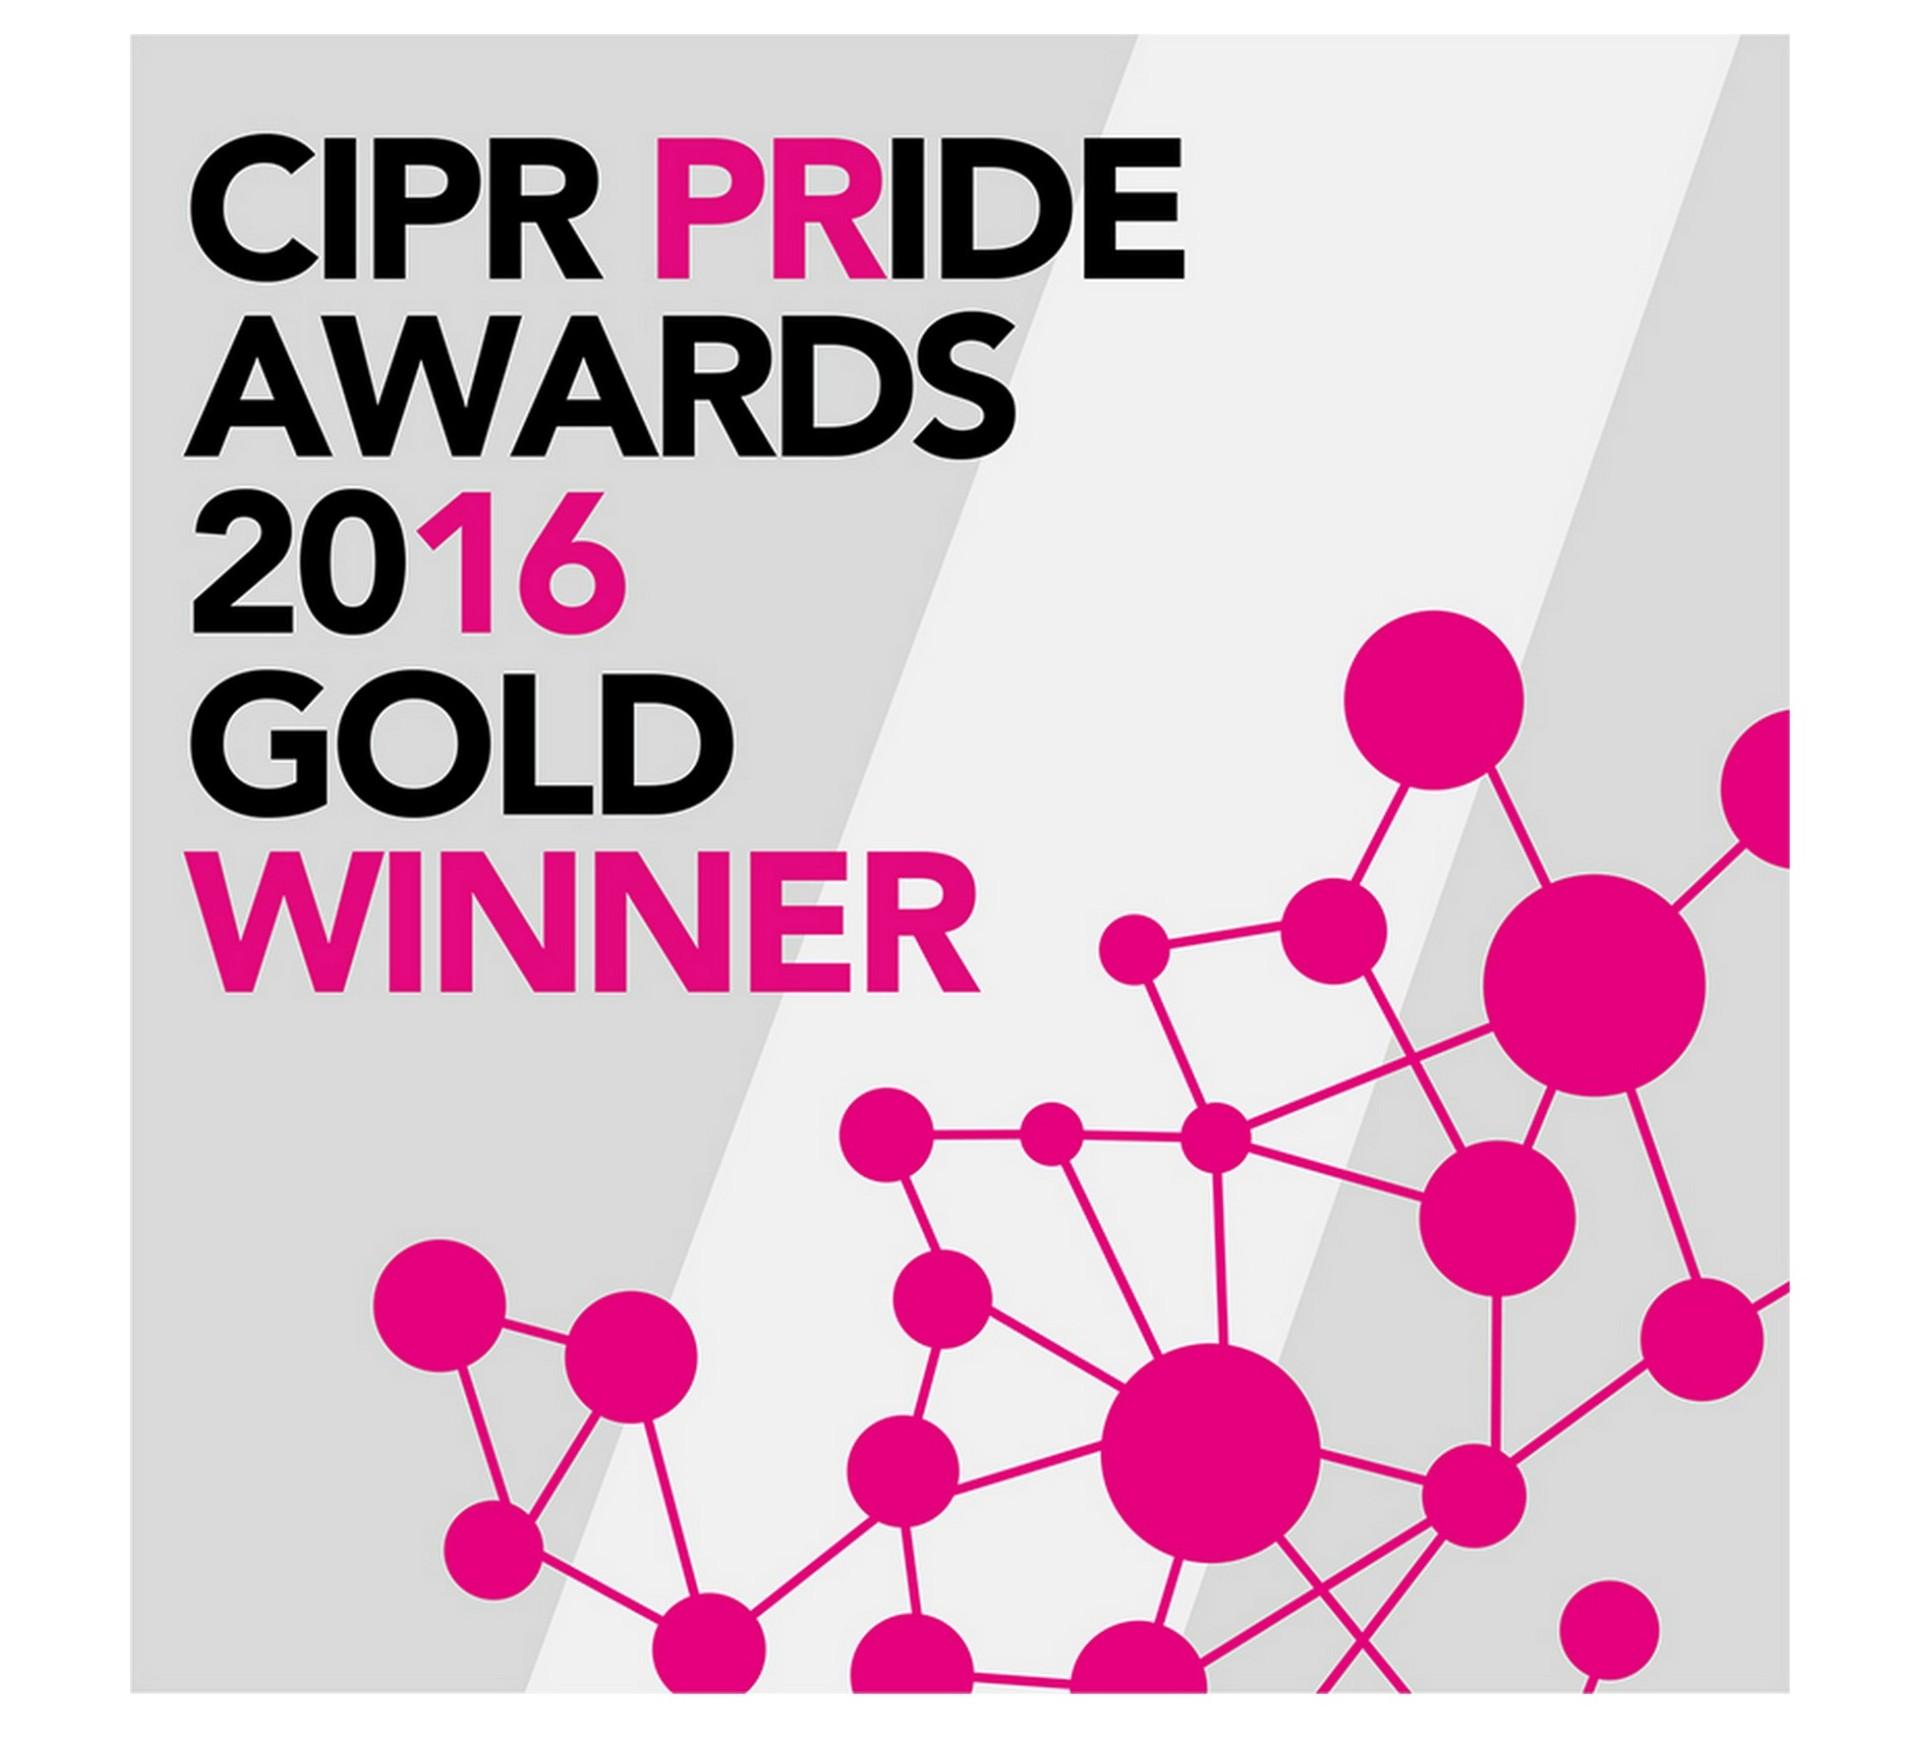 cipr-pride-awards-2016